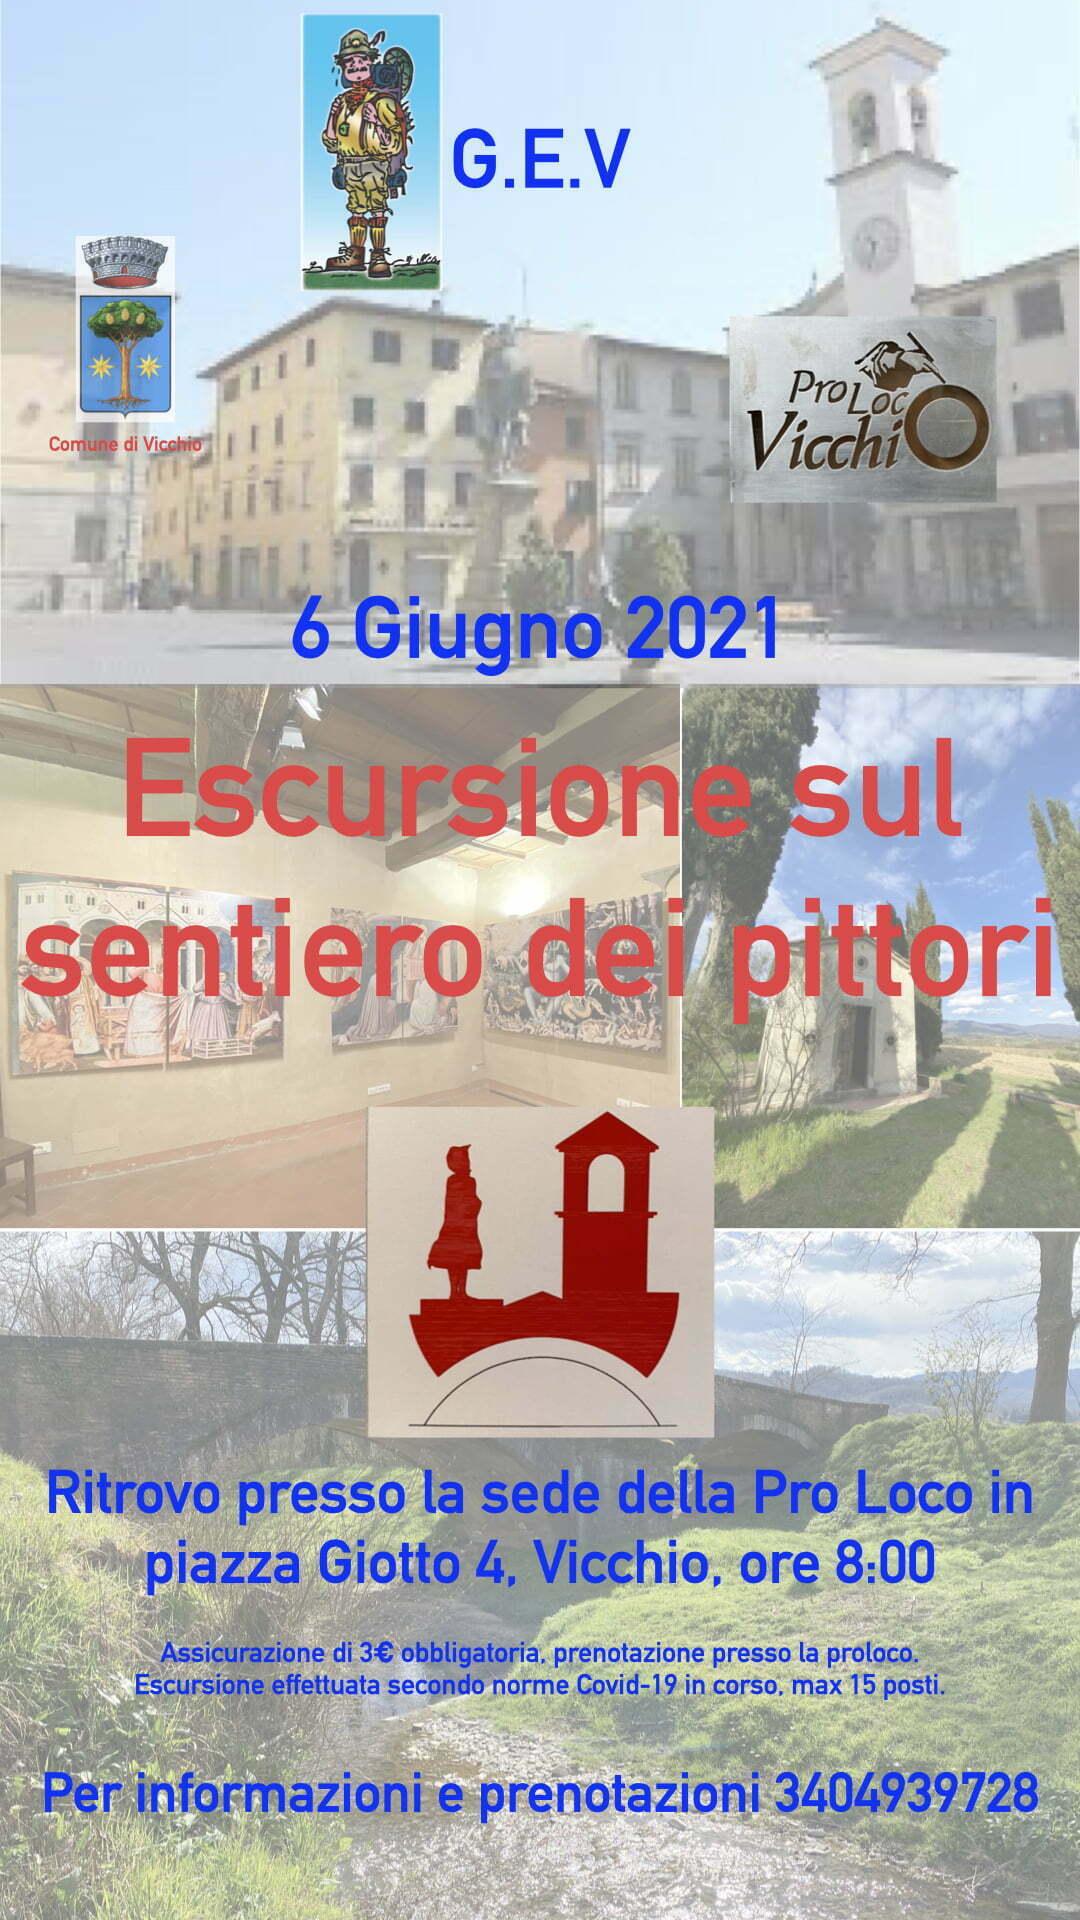 Escursione GEV Pro Loco